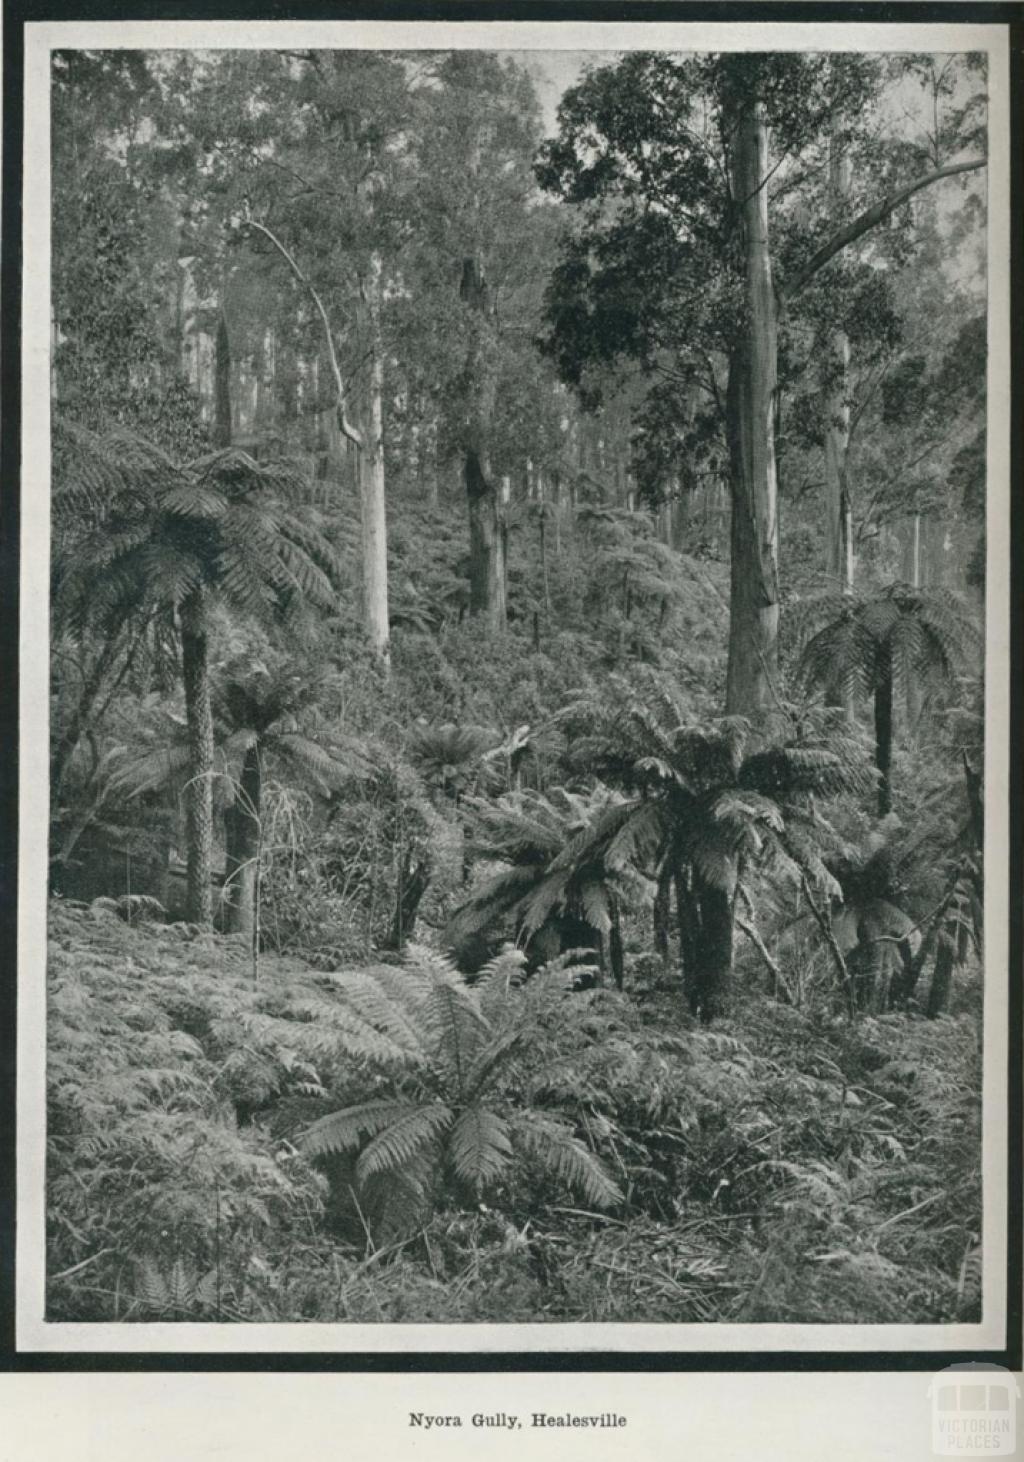 Nyora Gully, Healesville, 1918